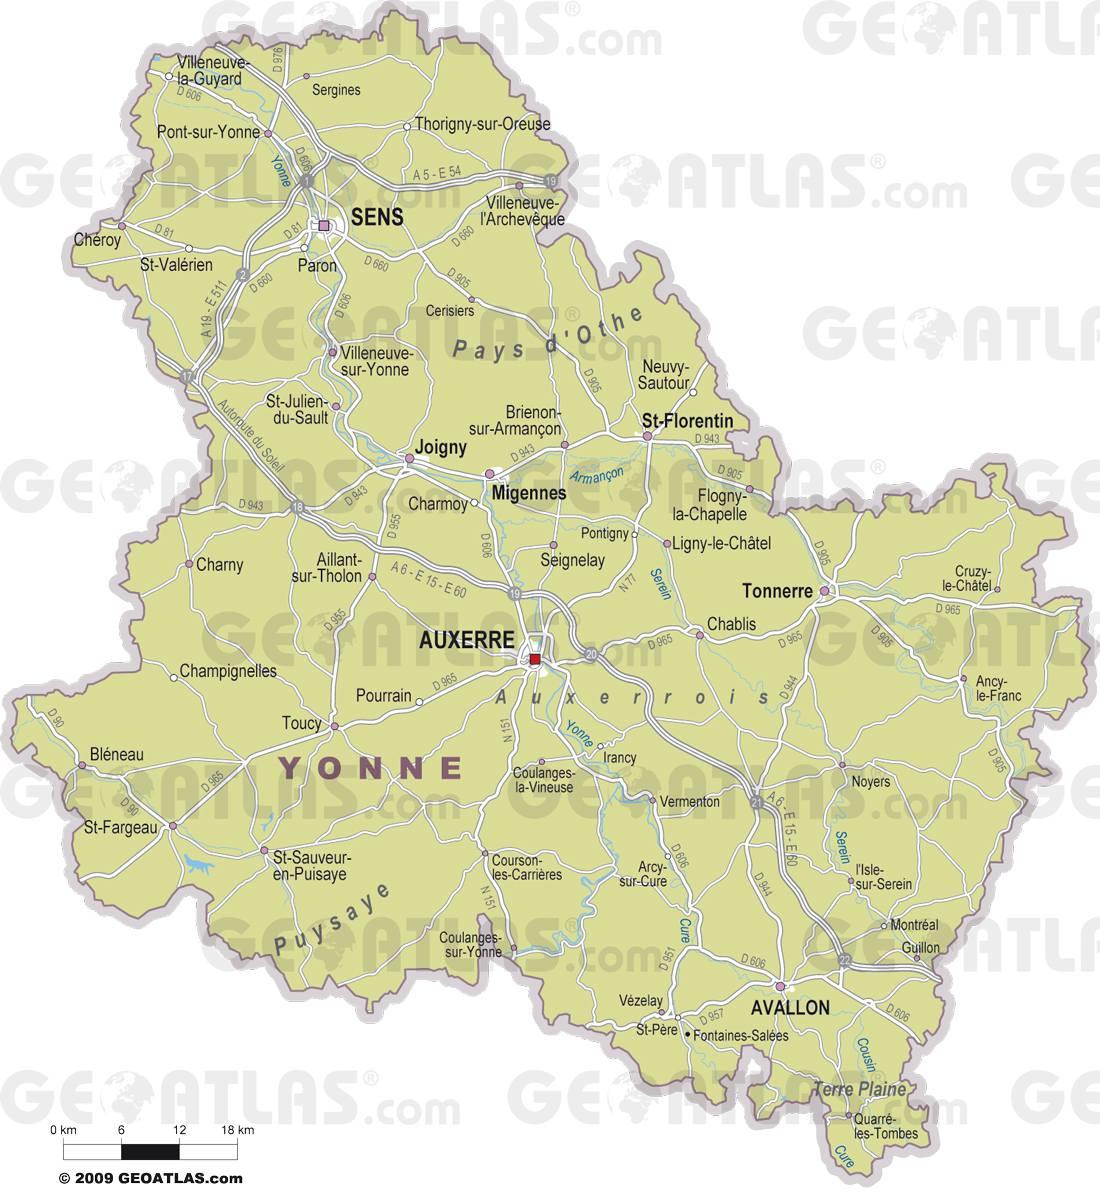 Carte des villes de l'Yonne